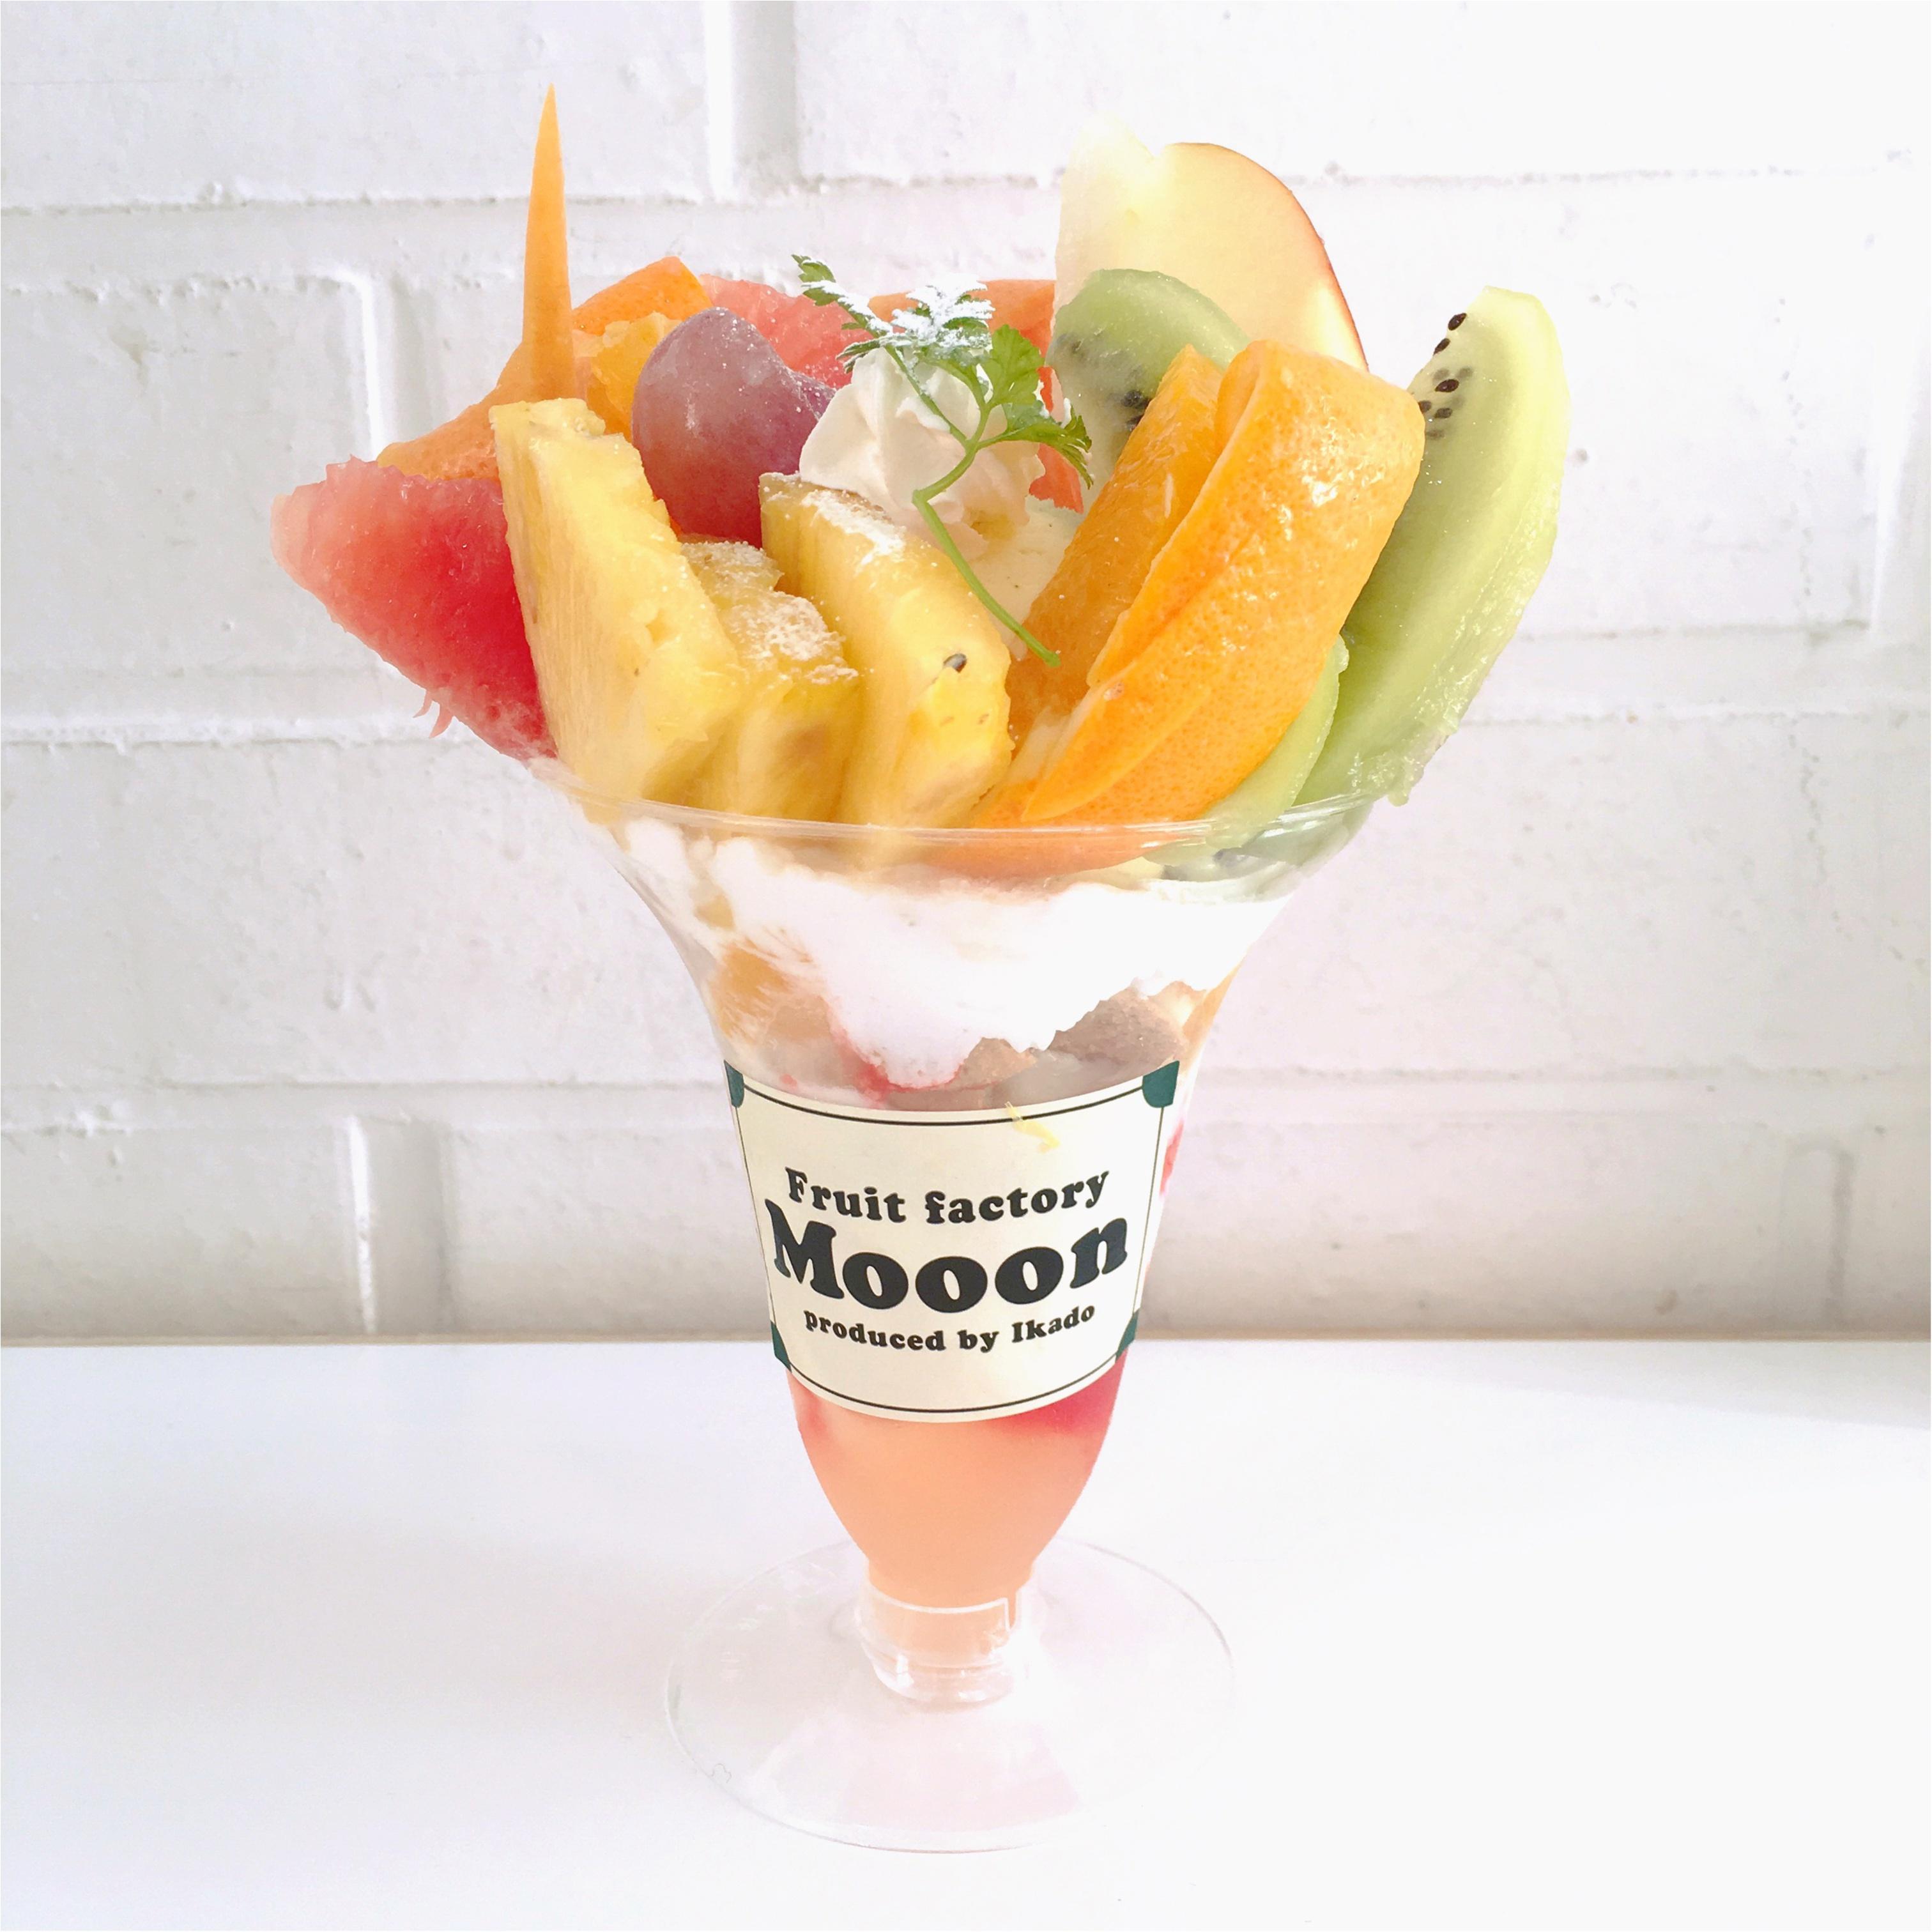 フルーツ好きさん集まれ♡ 果実専門店が作る完熟の《 フルーツパルフェ 》が美味しい♡♡_5